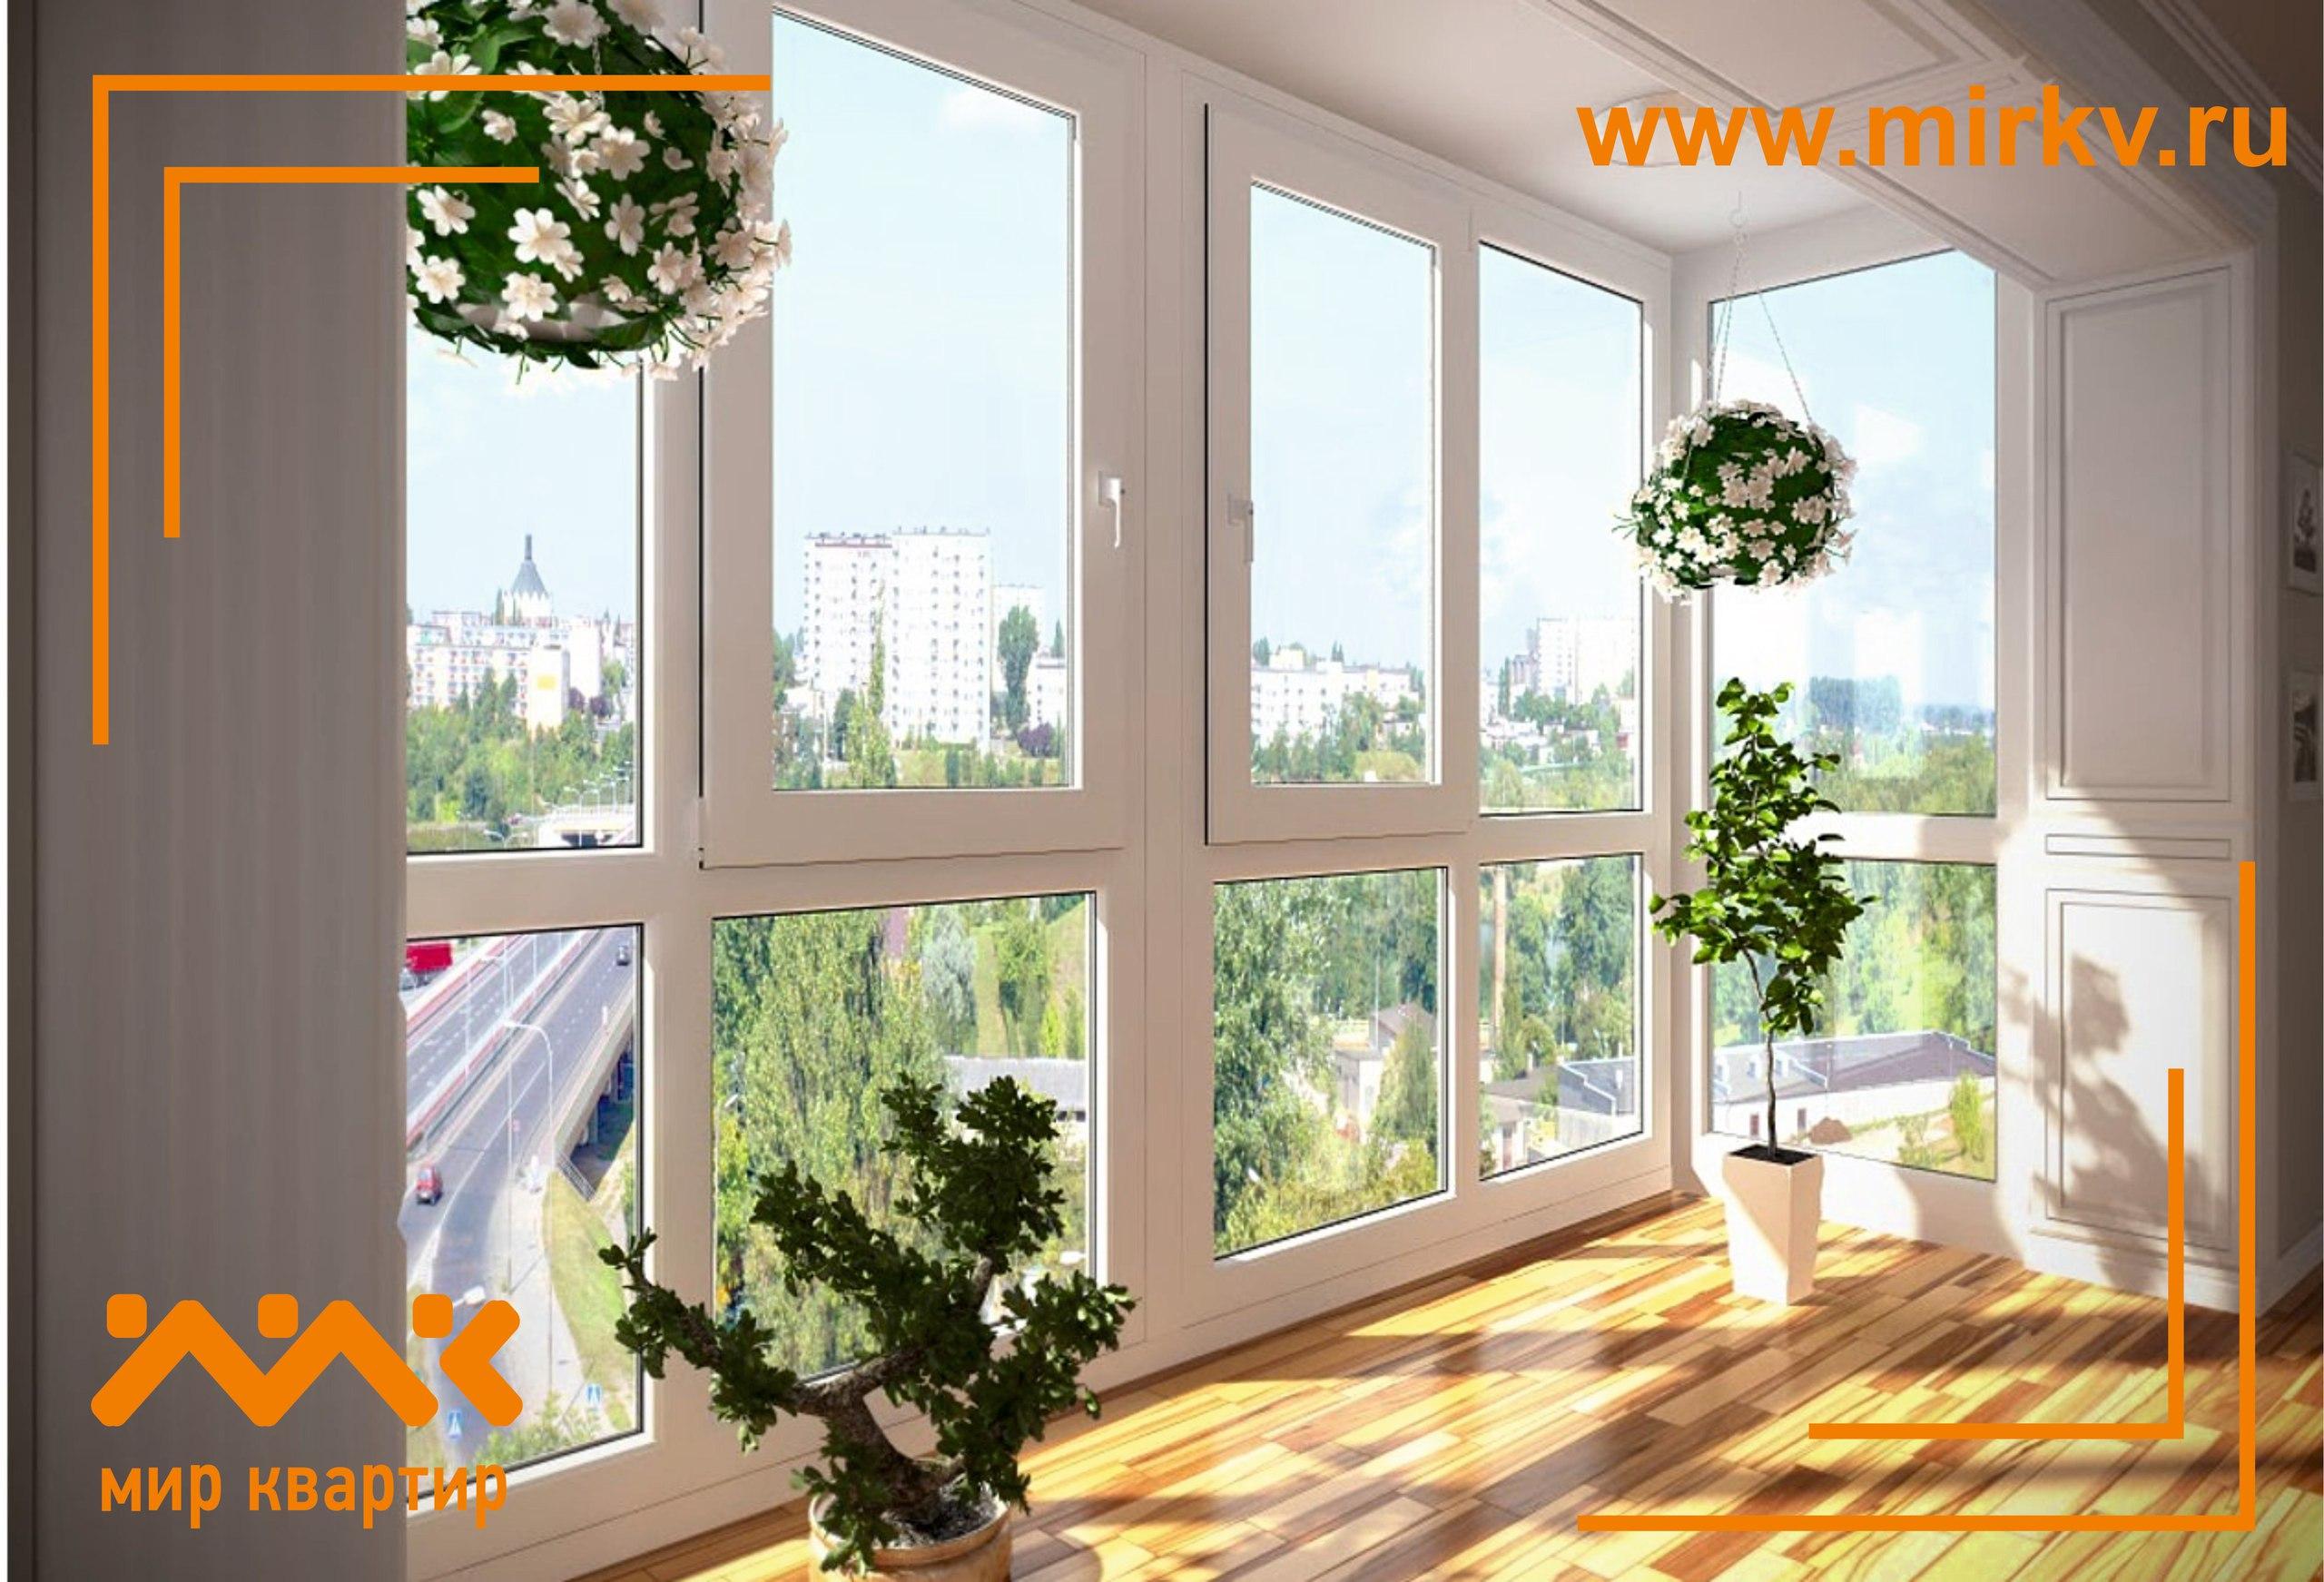 Лучшие цены сезона на качественные окна, двери, балконы и ло.